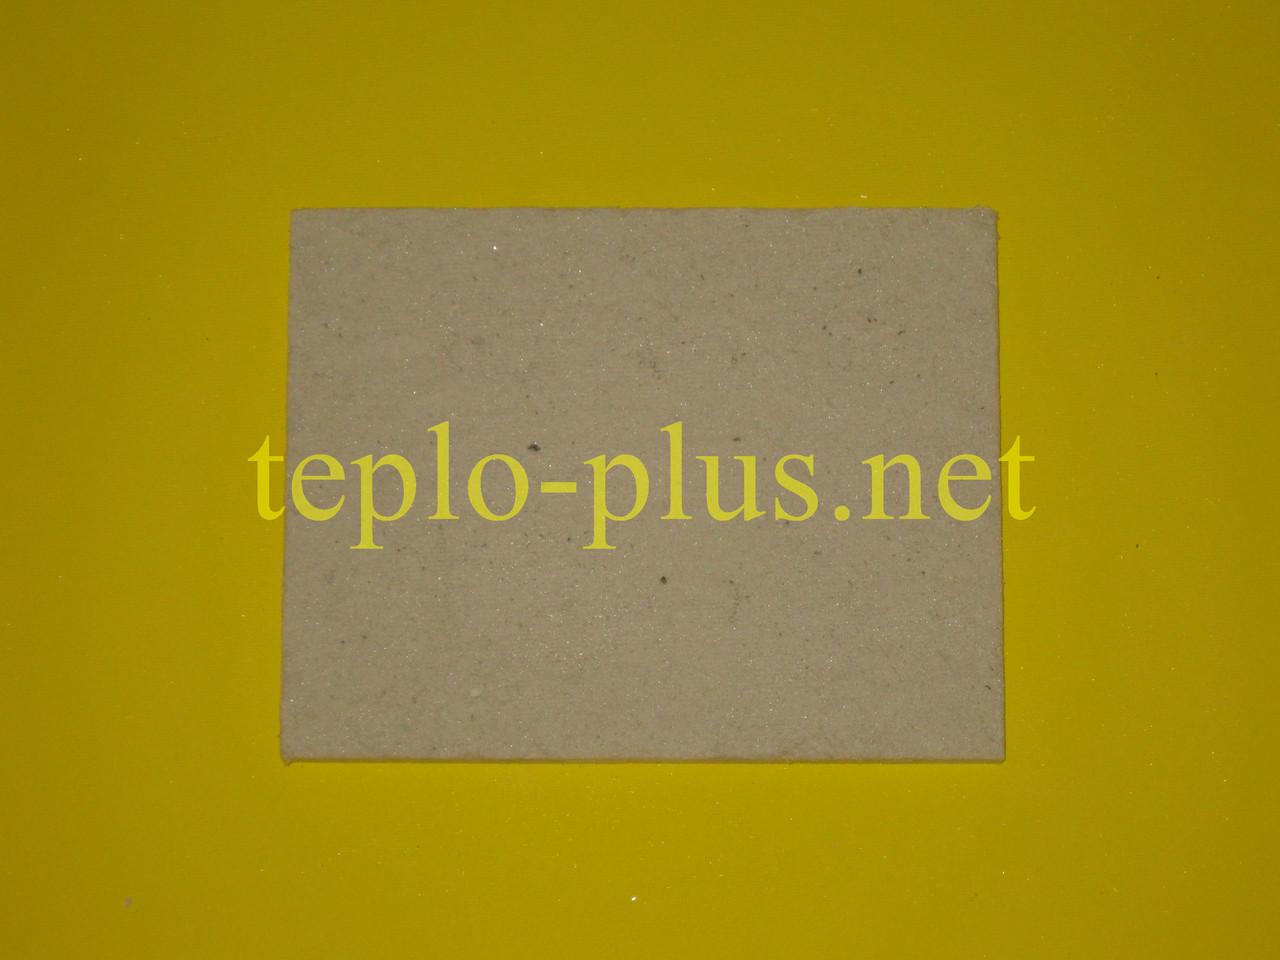 Ізоляція (термоізоляційна панель) бічна 5213210 (5213210) Westen Quasar 24F, Quasar D 24F, Baxi Main 24 Fi, фото 2